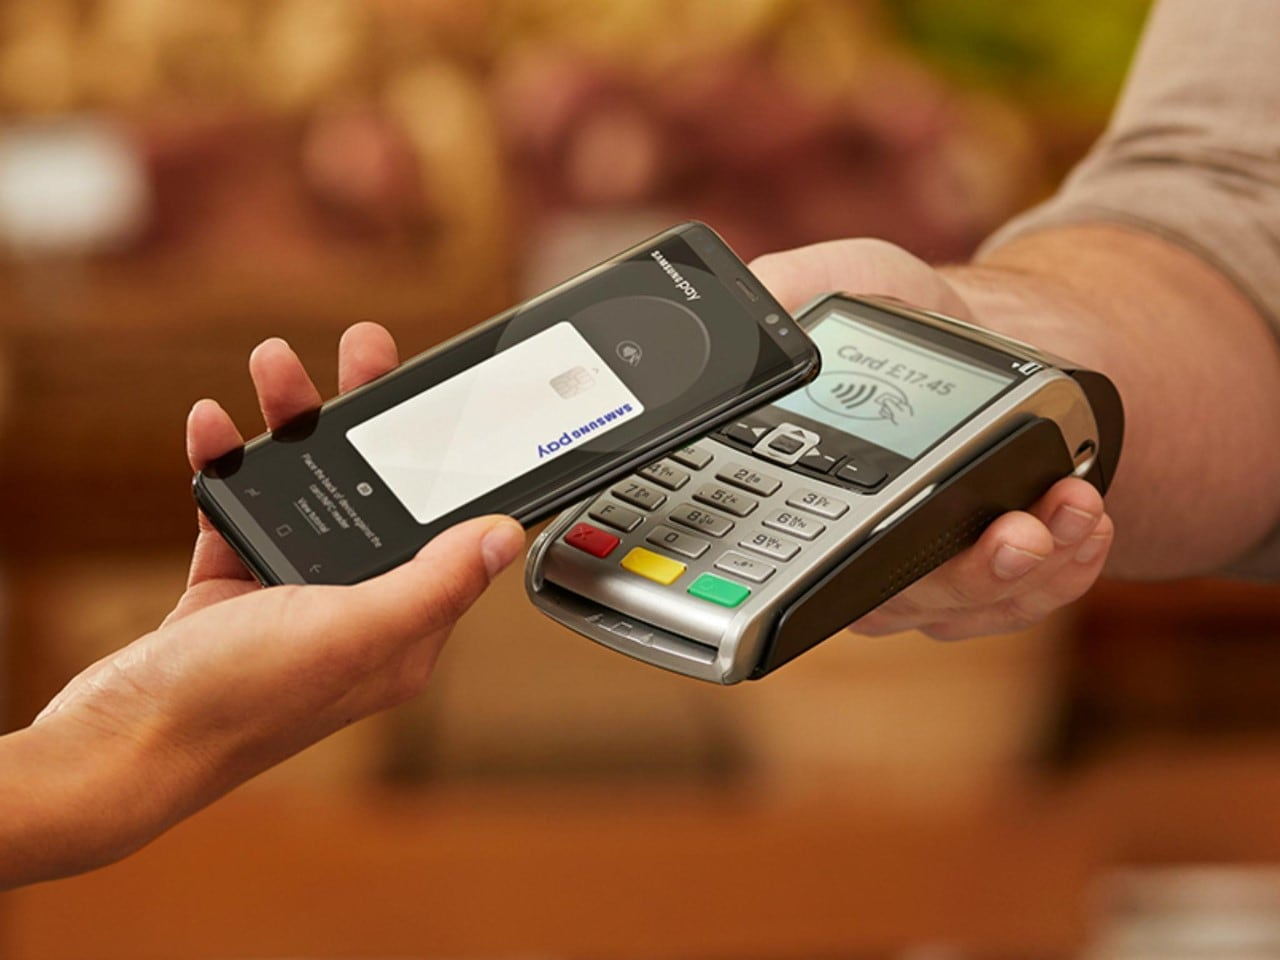 ¿Desaparecerán las tarjetas de crédito? El 2,4% de los pagos ya se efectúan con el móvil